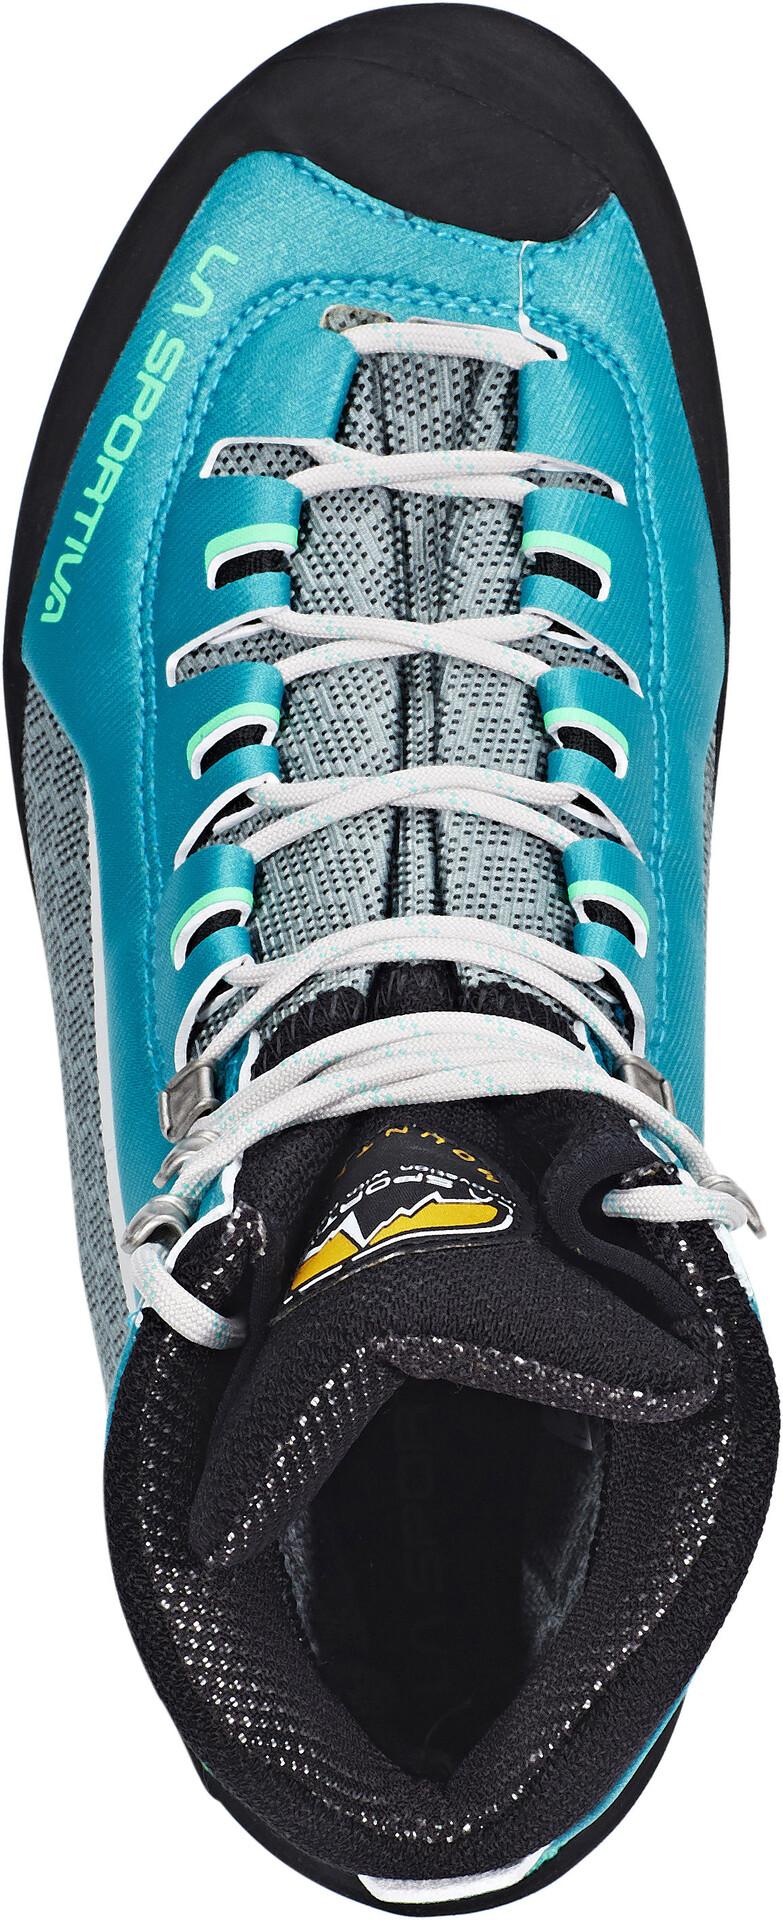 Gtx Sur Sportiva La Gristurquoise Tower Trango Chaussures Femme UHqpx6wq